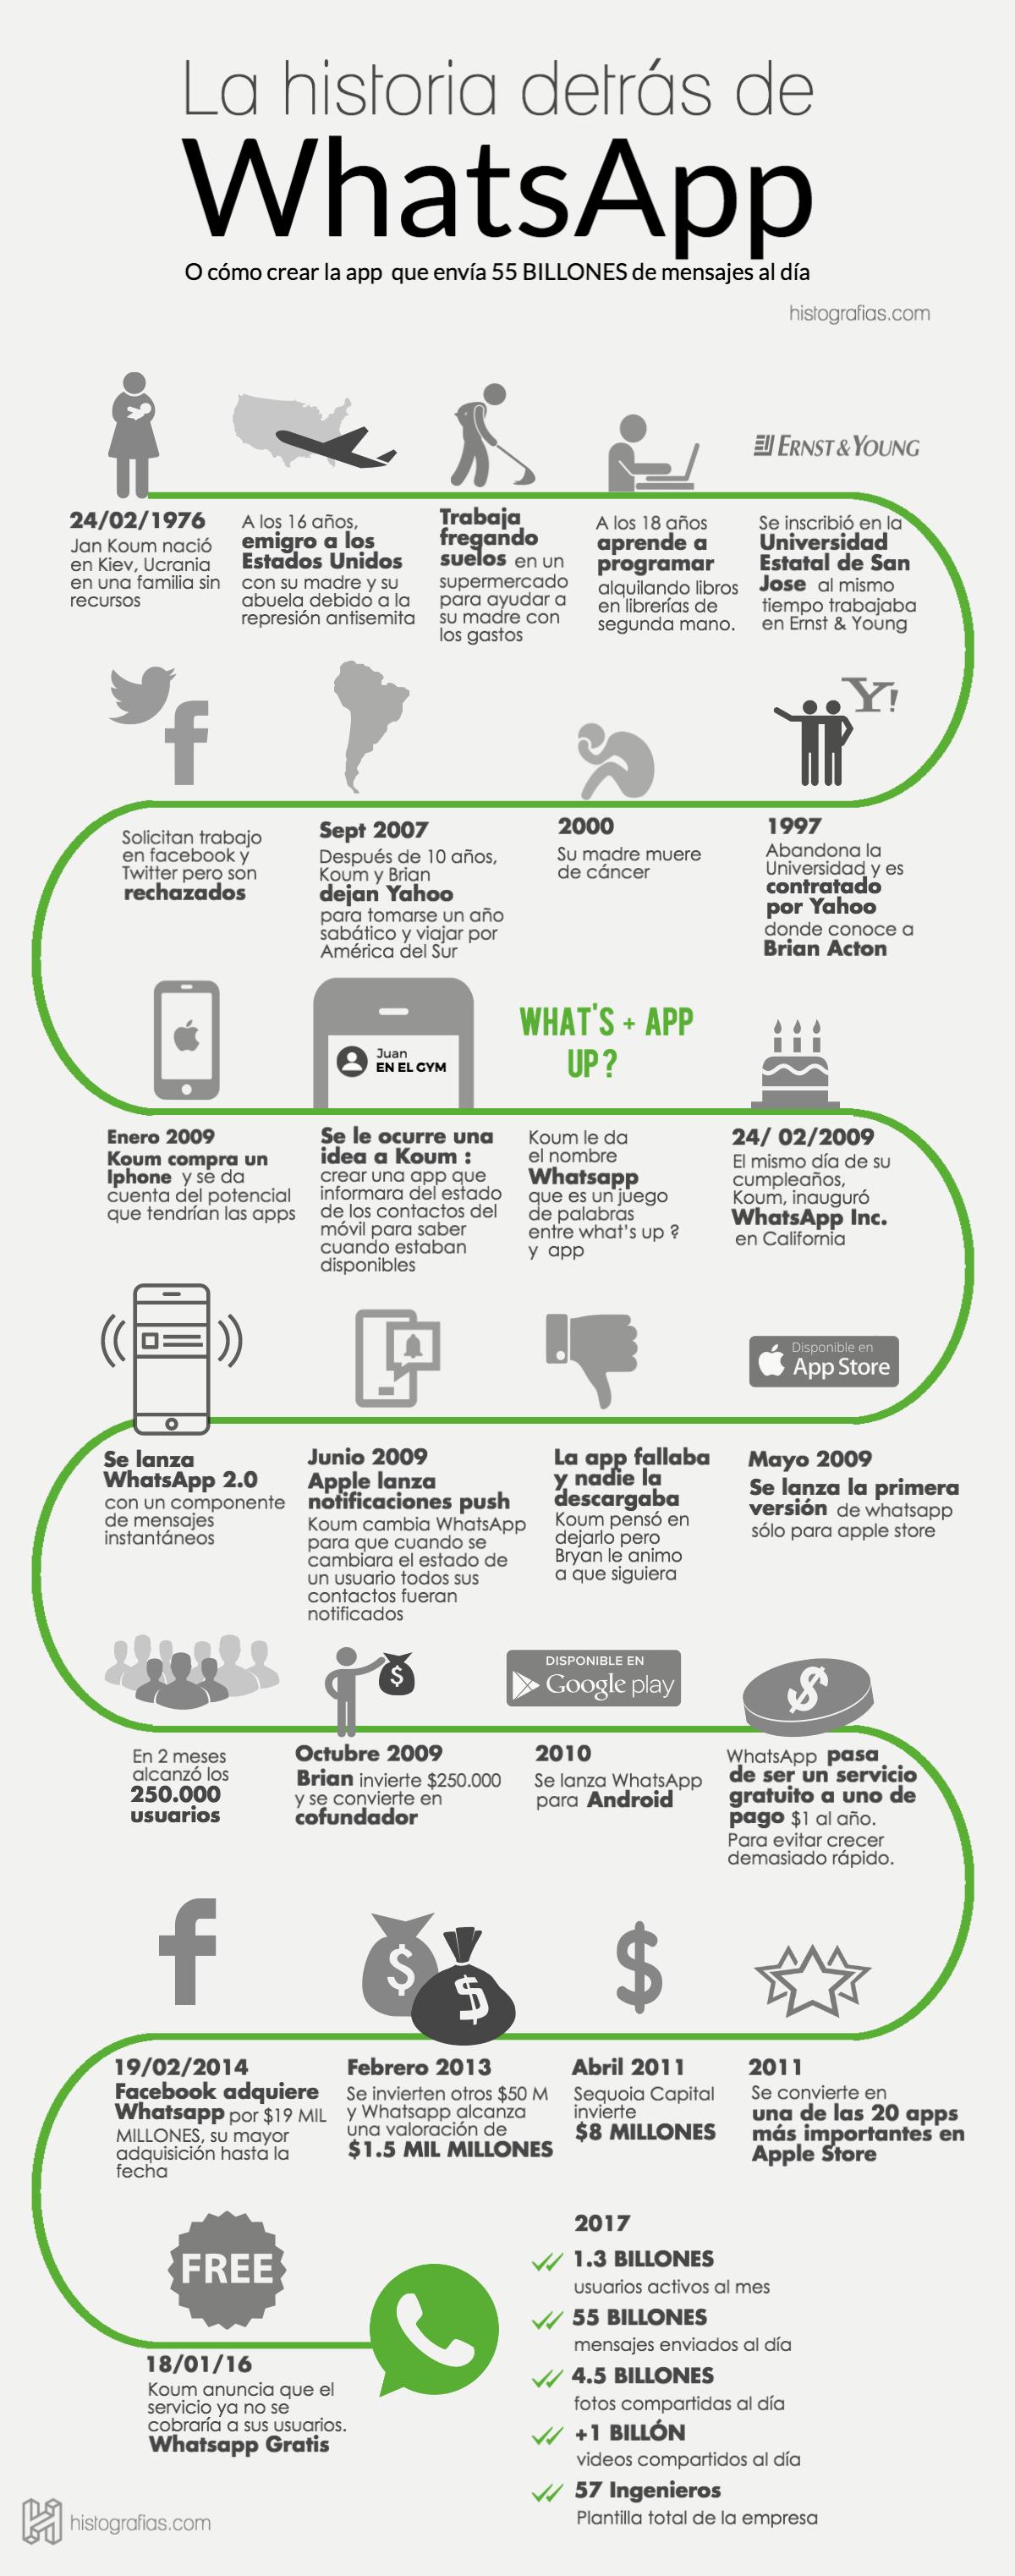 Jan Koum, o homem que superou todas as adversidades e se tornou o fundador do WhatsApp 10